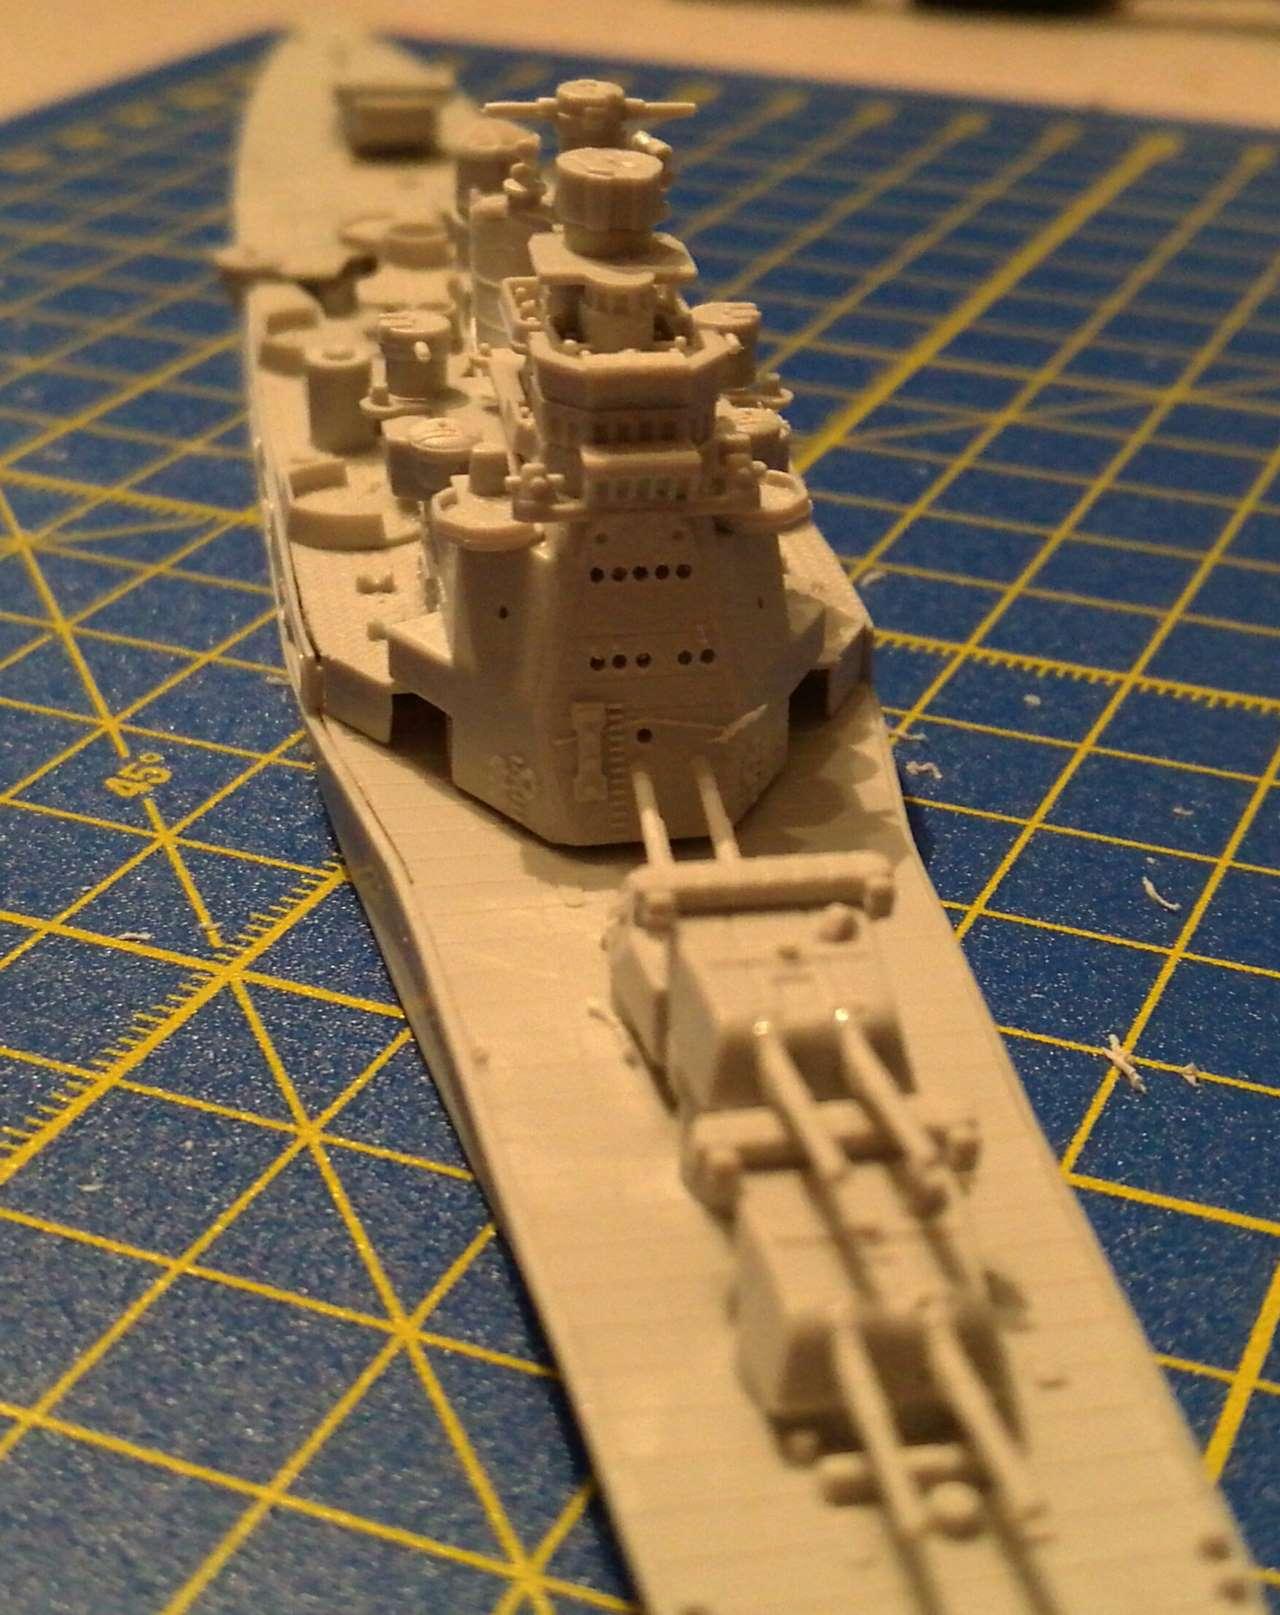 Croiseur TAKAO 1944 1/700 Pit-Road 500056Takao19